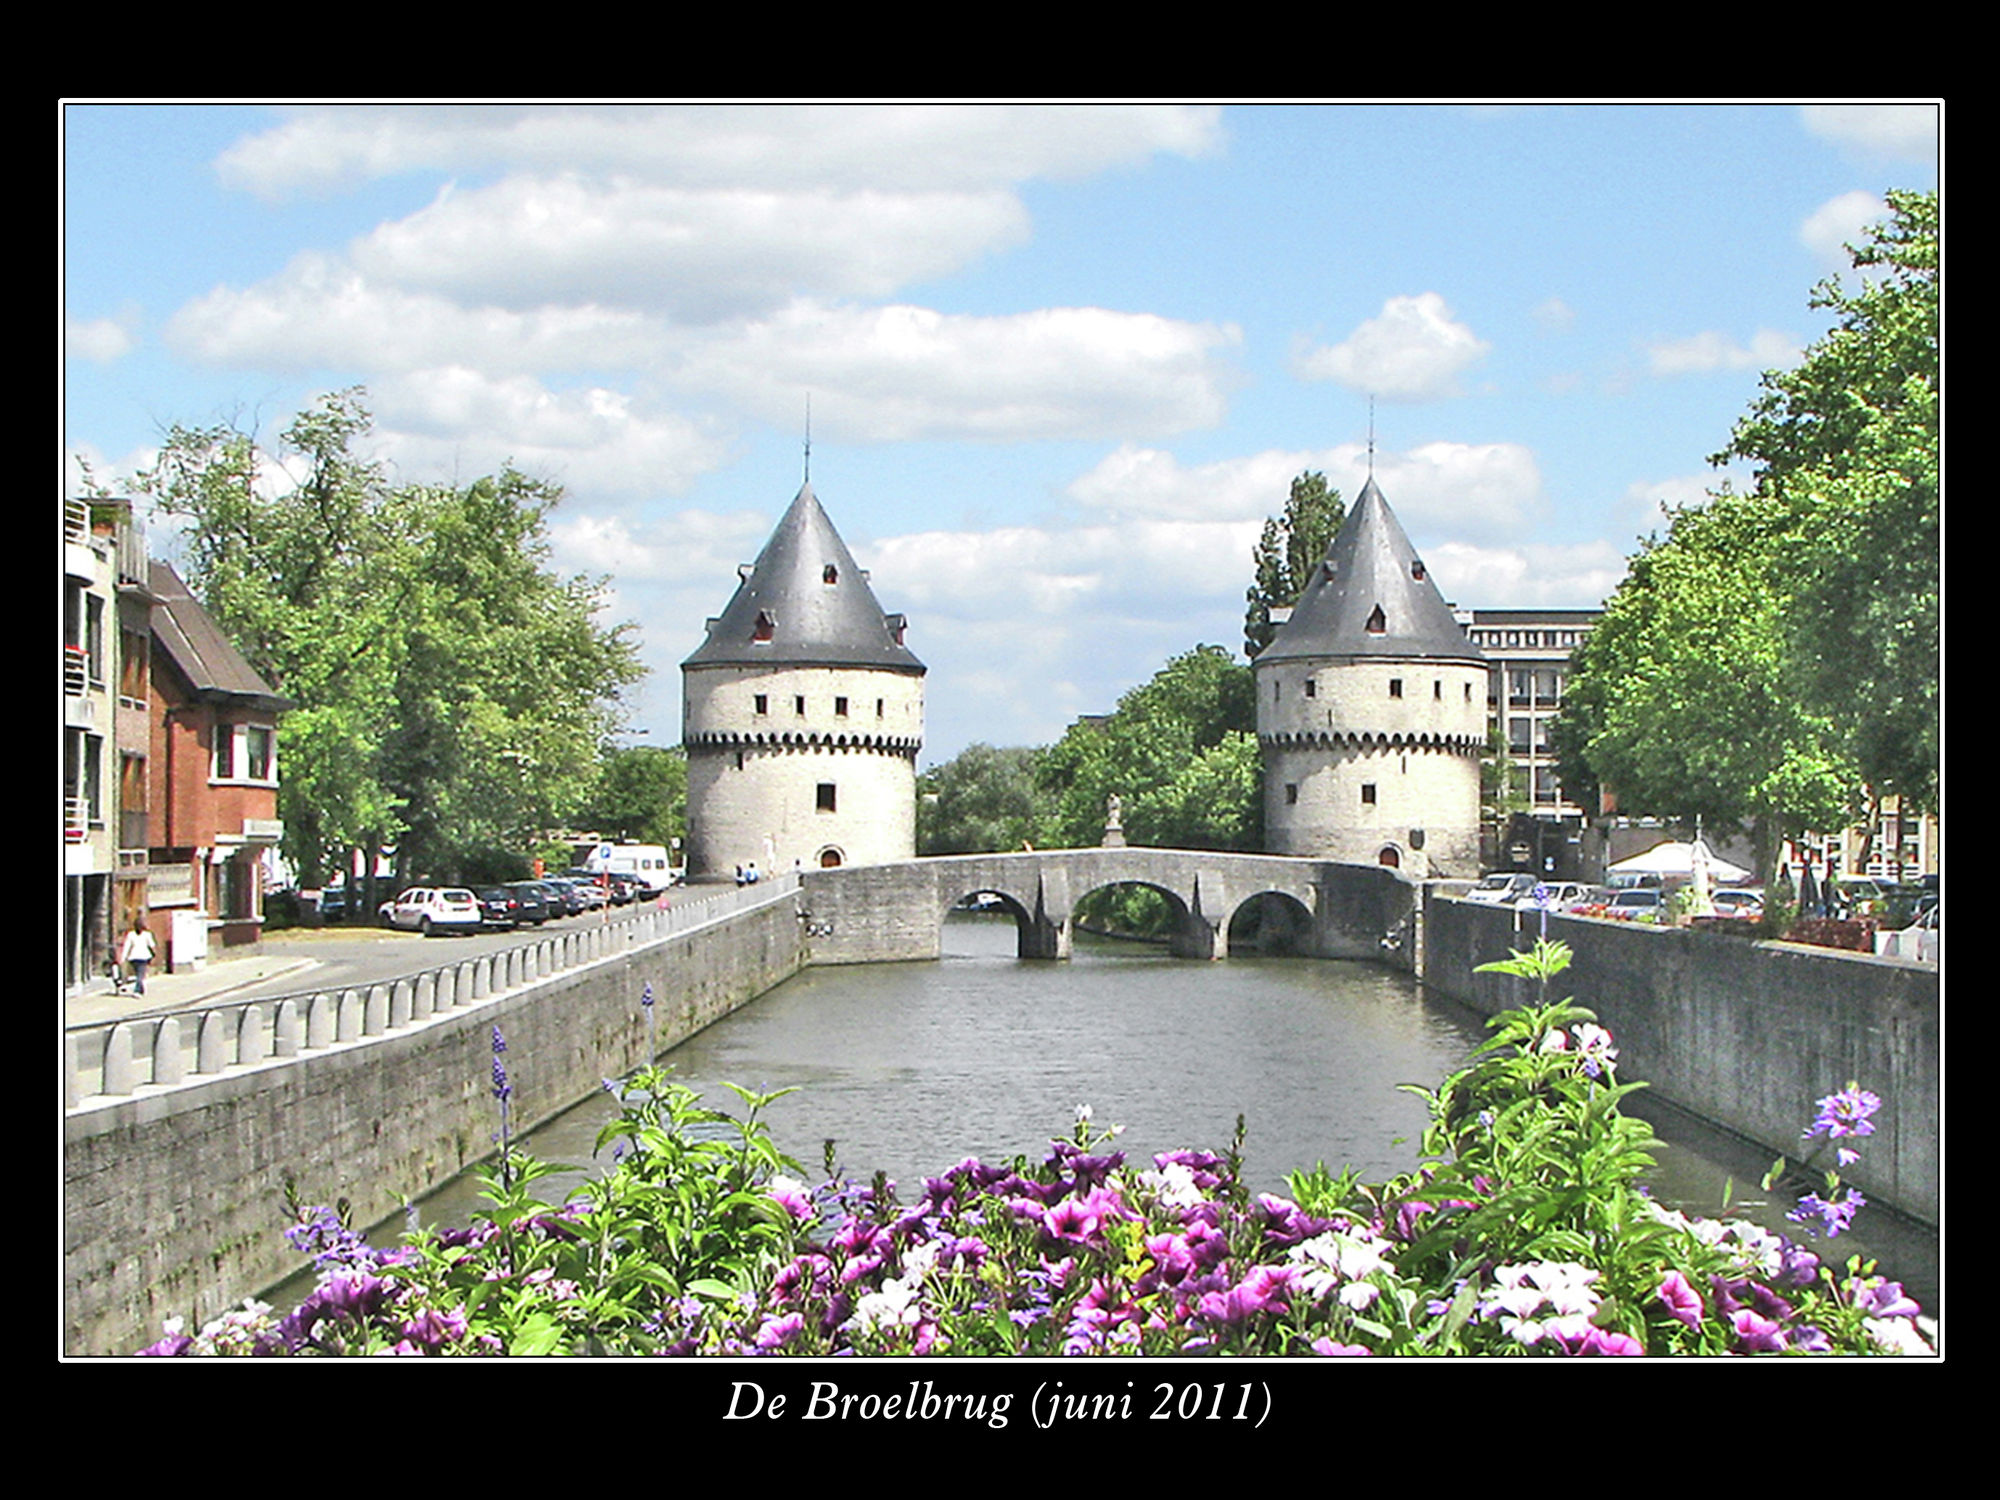 Broelbrug